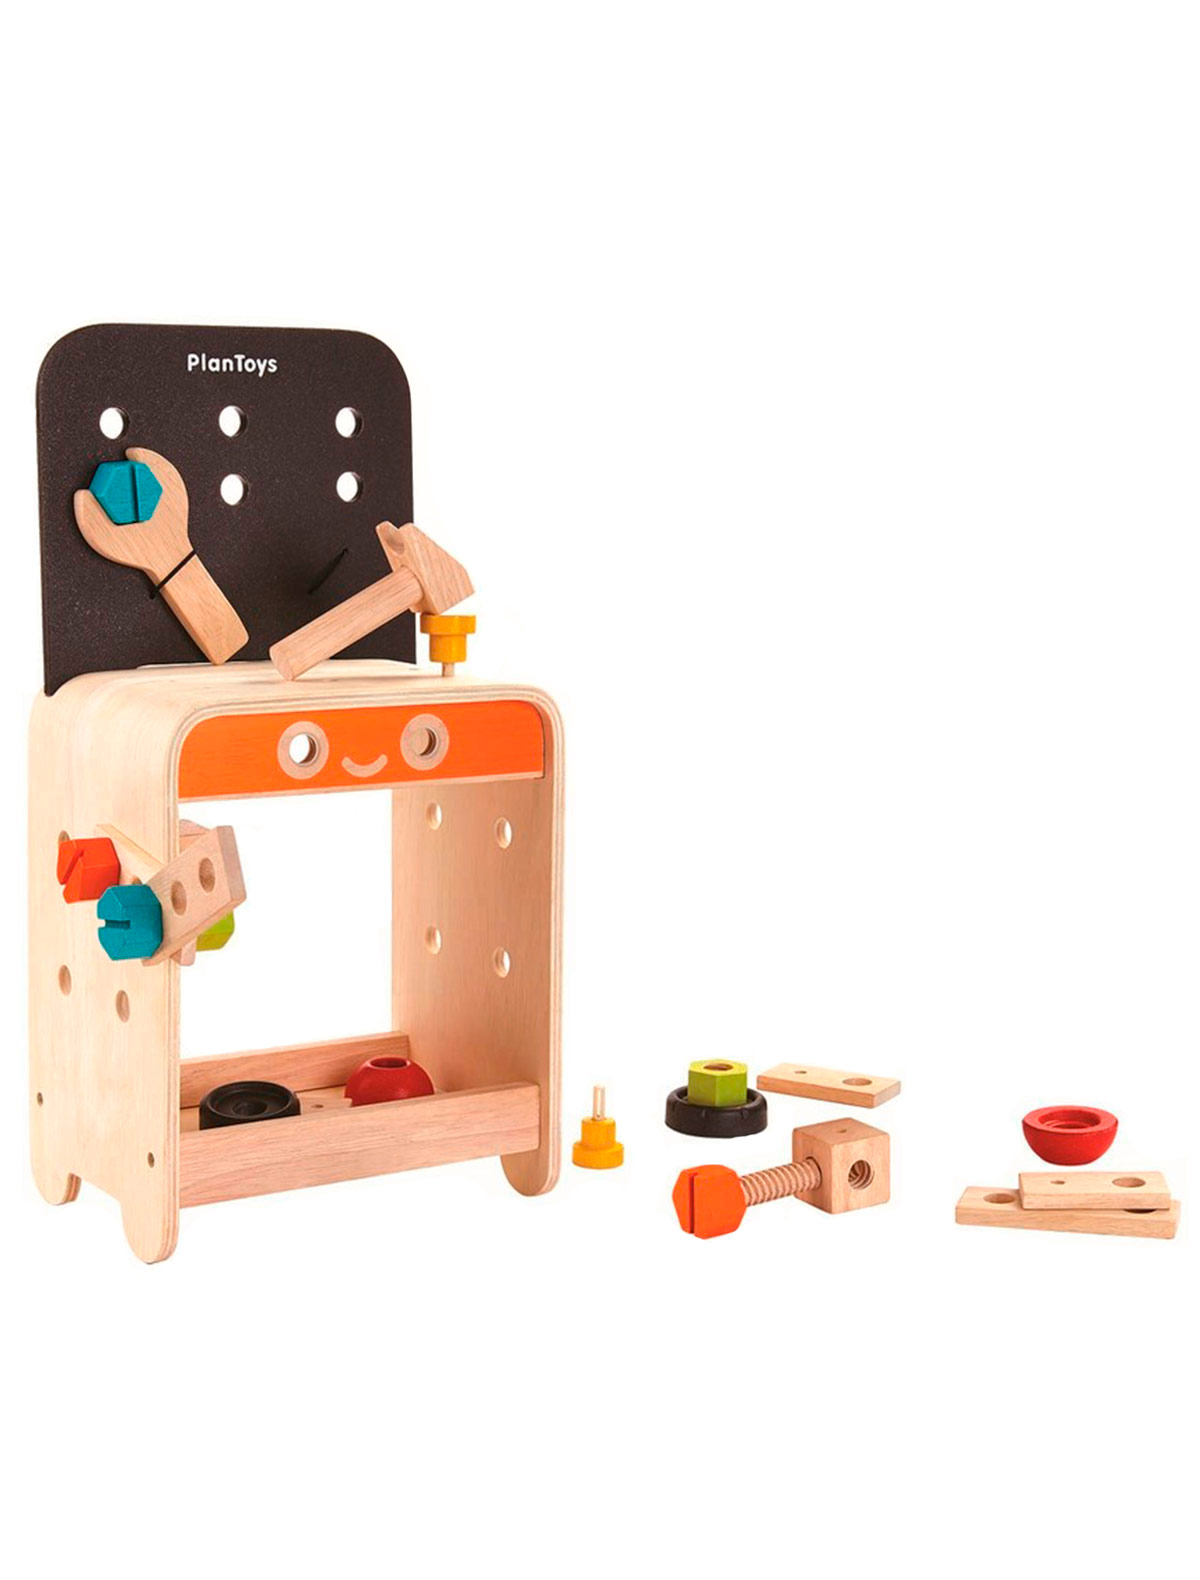 2135082, Игрушка PLAN TOYS, разноцветный, Женский, 7132509980033  - купить со скидкой